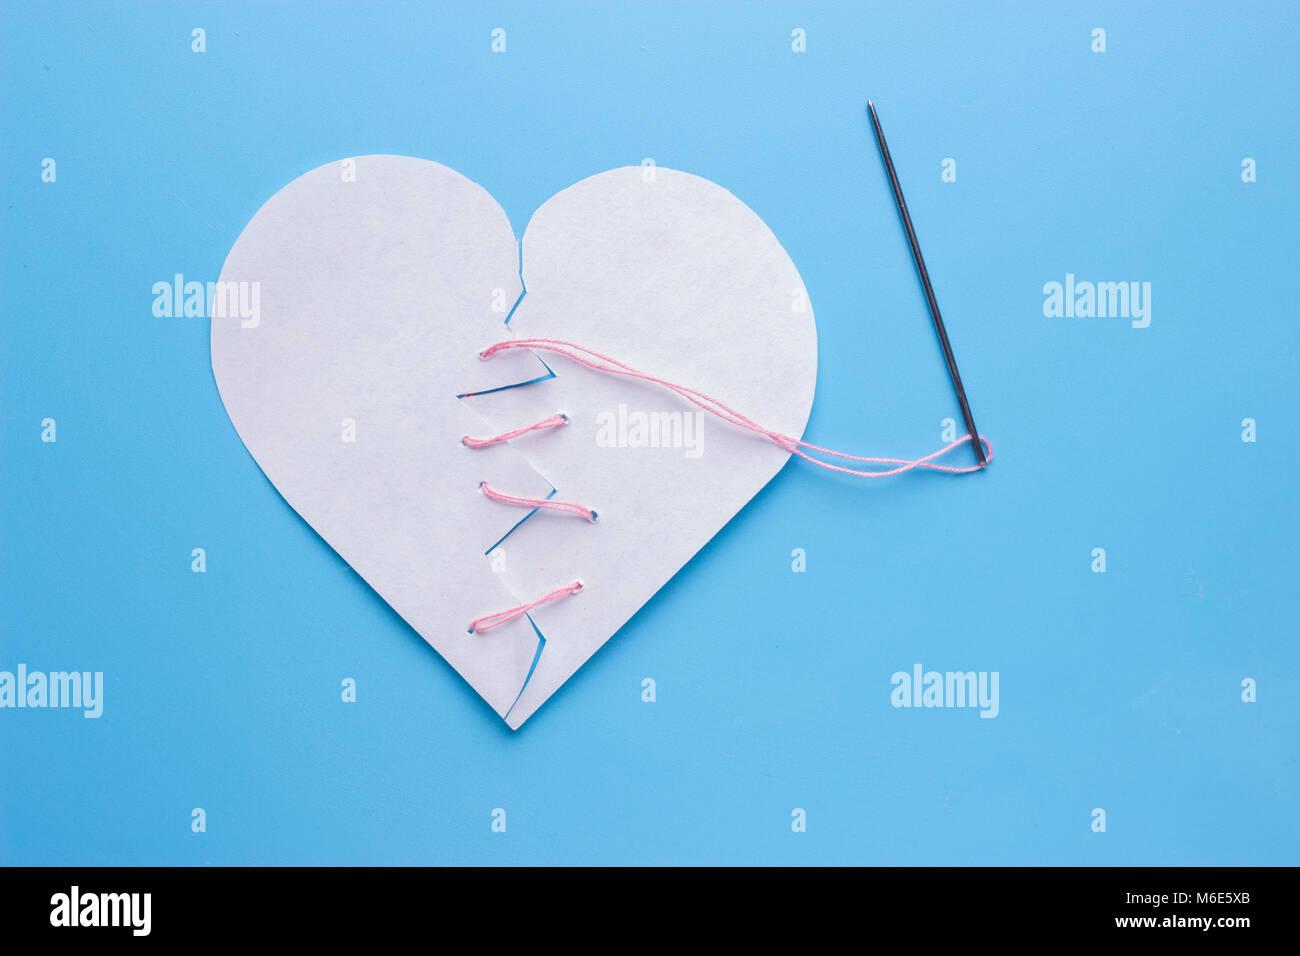 Heal Broken Heart Stock Photos & Heal Broken Heart Stock Images - Alamy